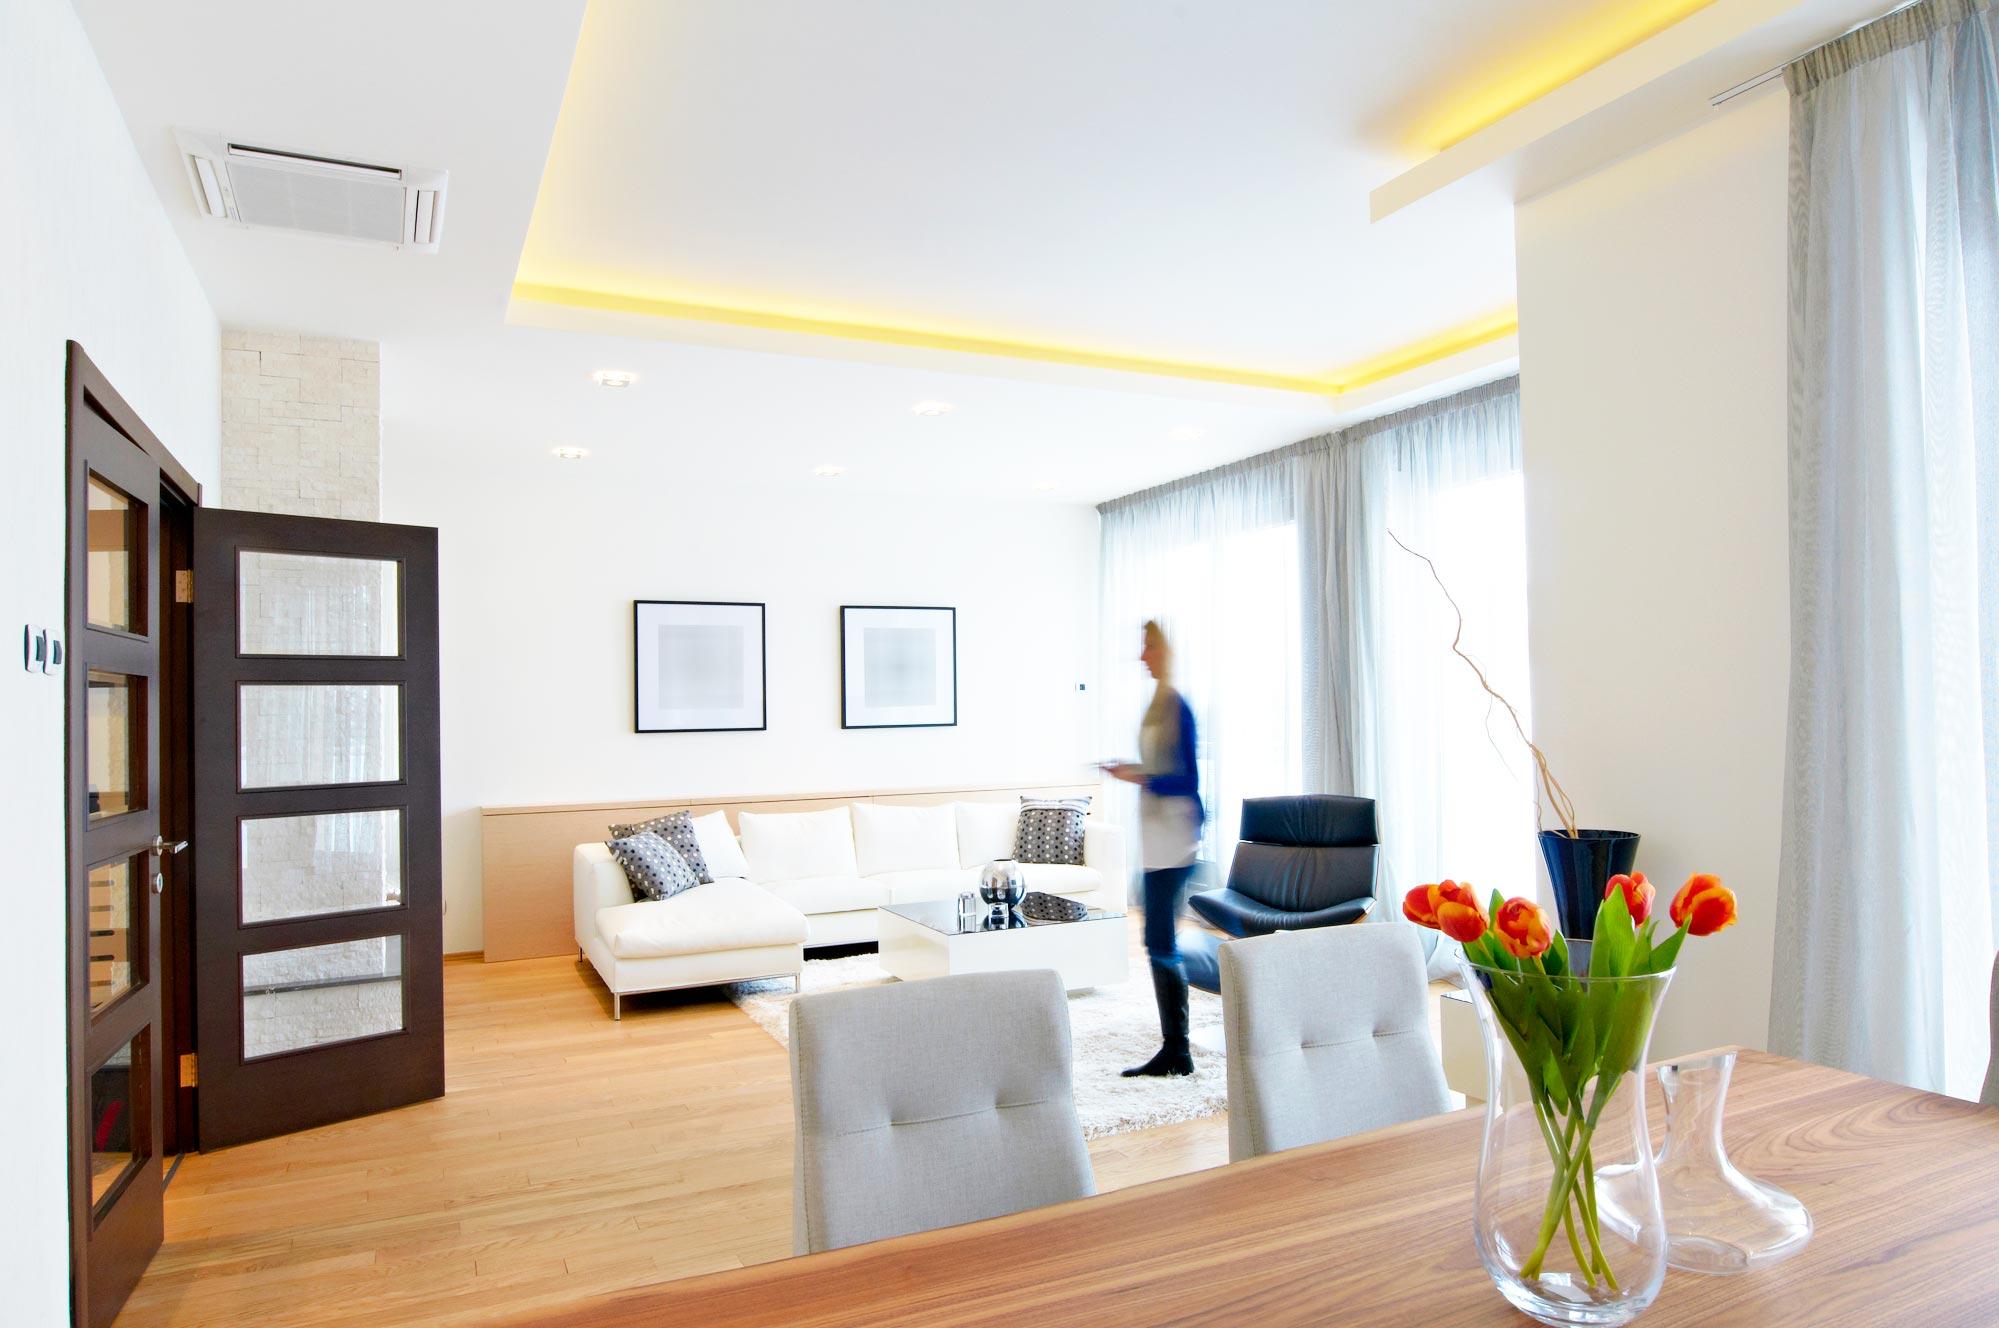 תאורת לד לעיצוב הבית